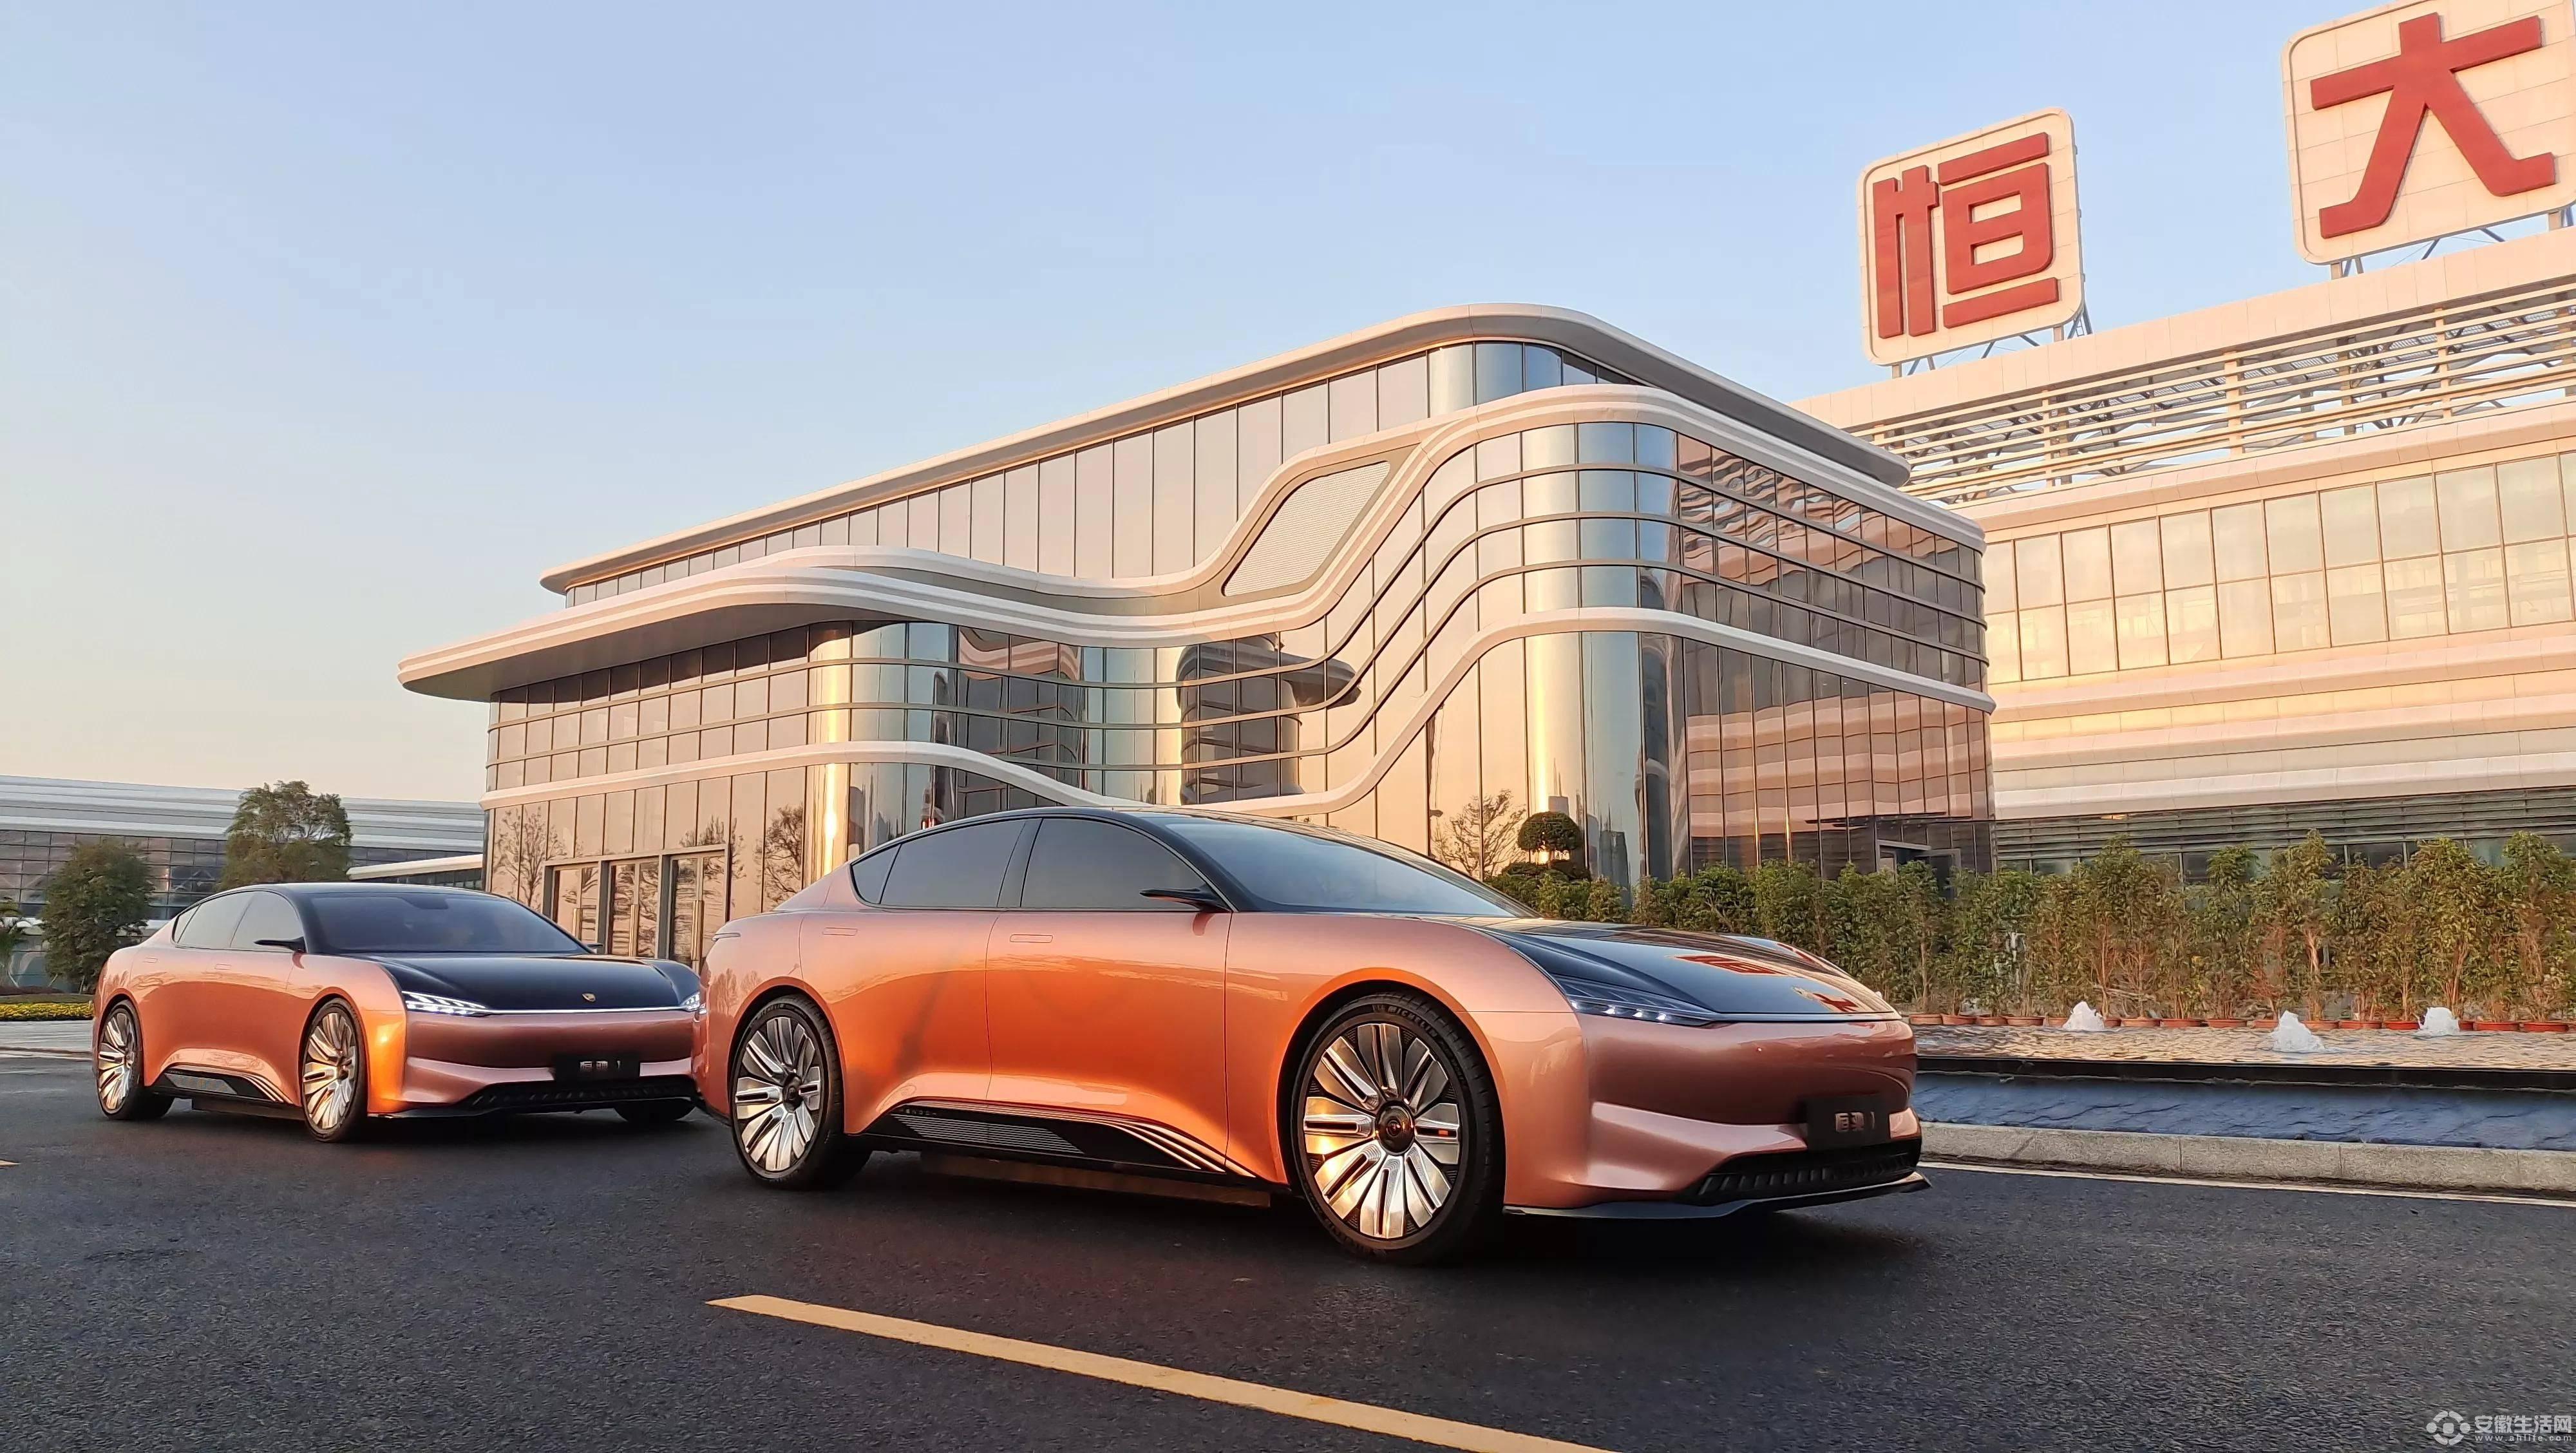 成功引入260亿港元战略投资 恒大汽车未来有望比肩特斯拉